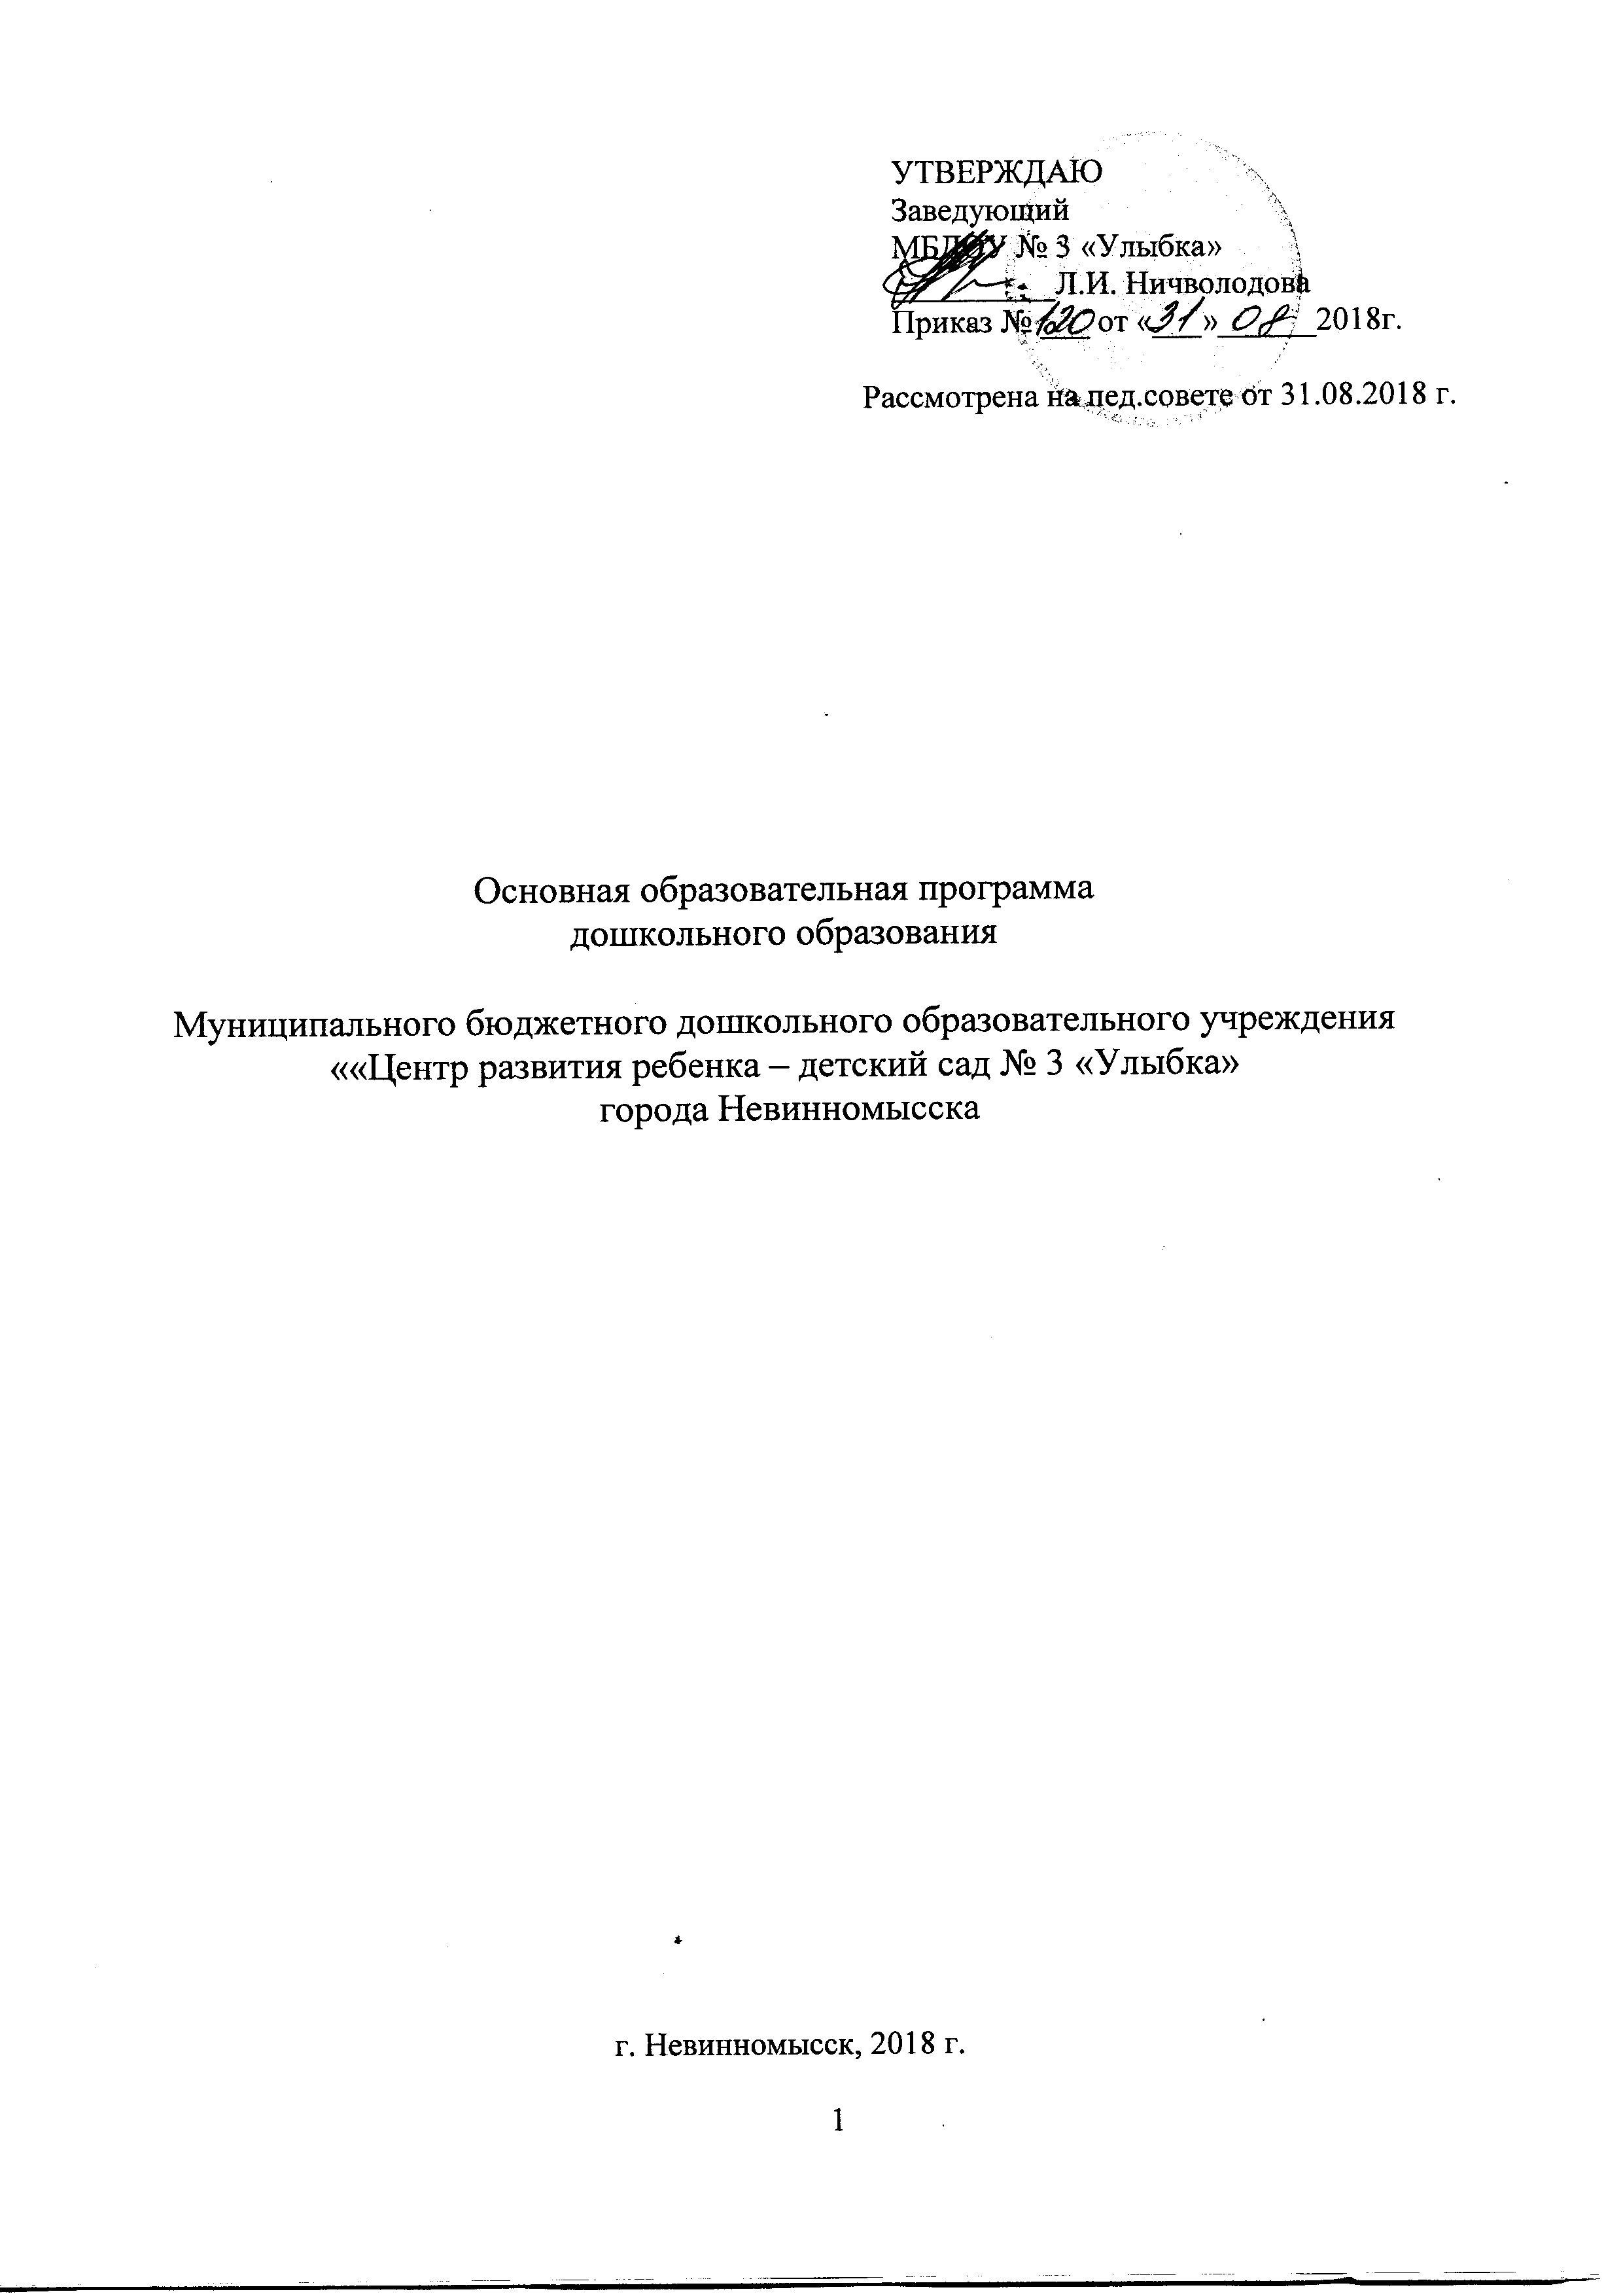 Ритмика - это... описание, программа и эффективность :: syl.ru